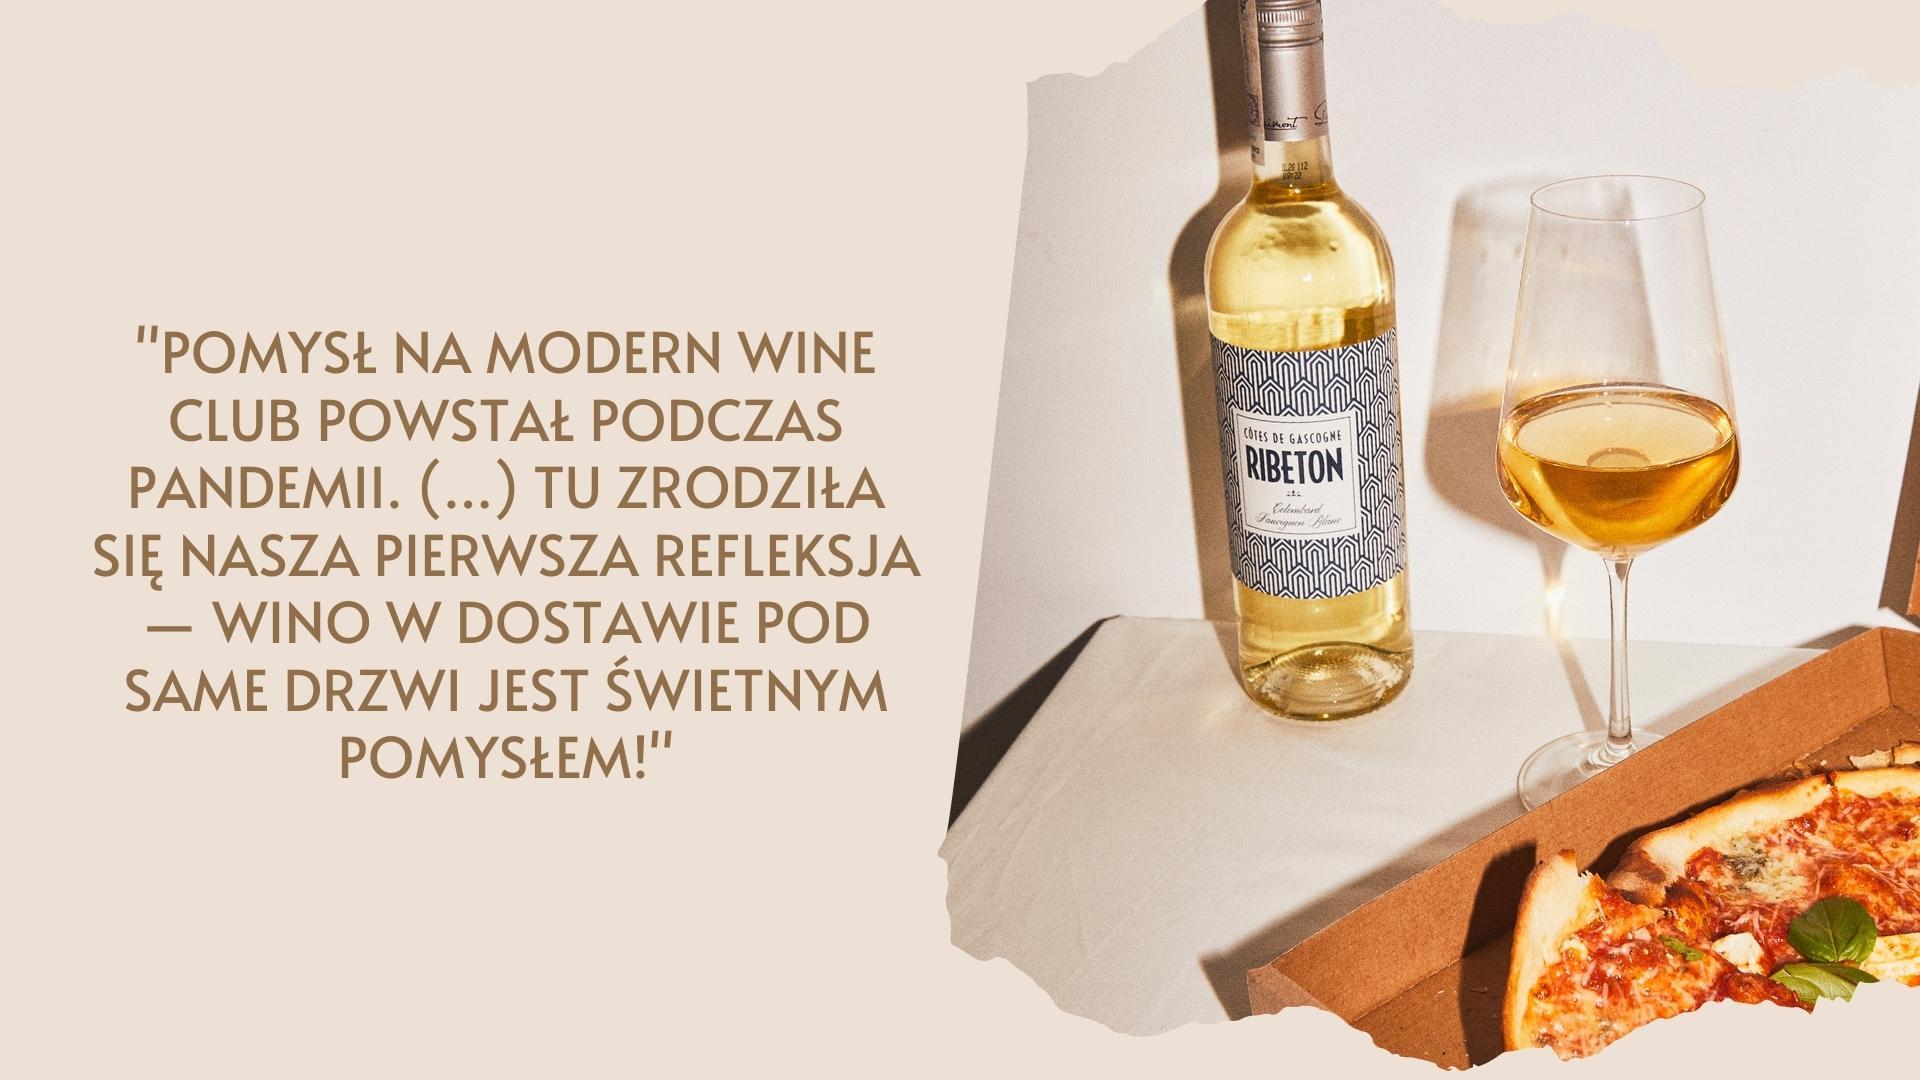 4 wino co miesiąc moder wine club z dostawą zakup wina pod drzwi do domu wino gdzie kupić gdańsk, łódź, kraków, warszawa, kielce, lublin, wrocław, poznań, gdynia